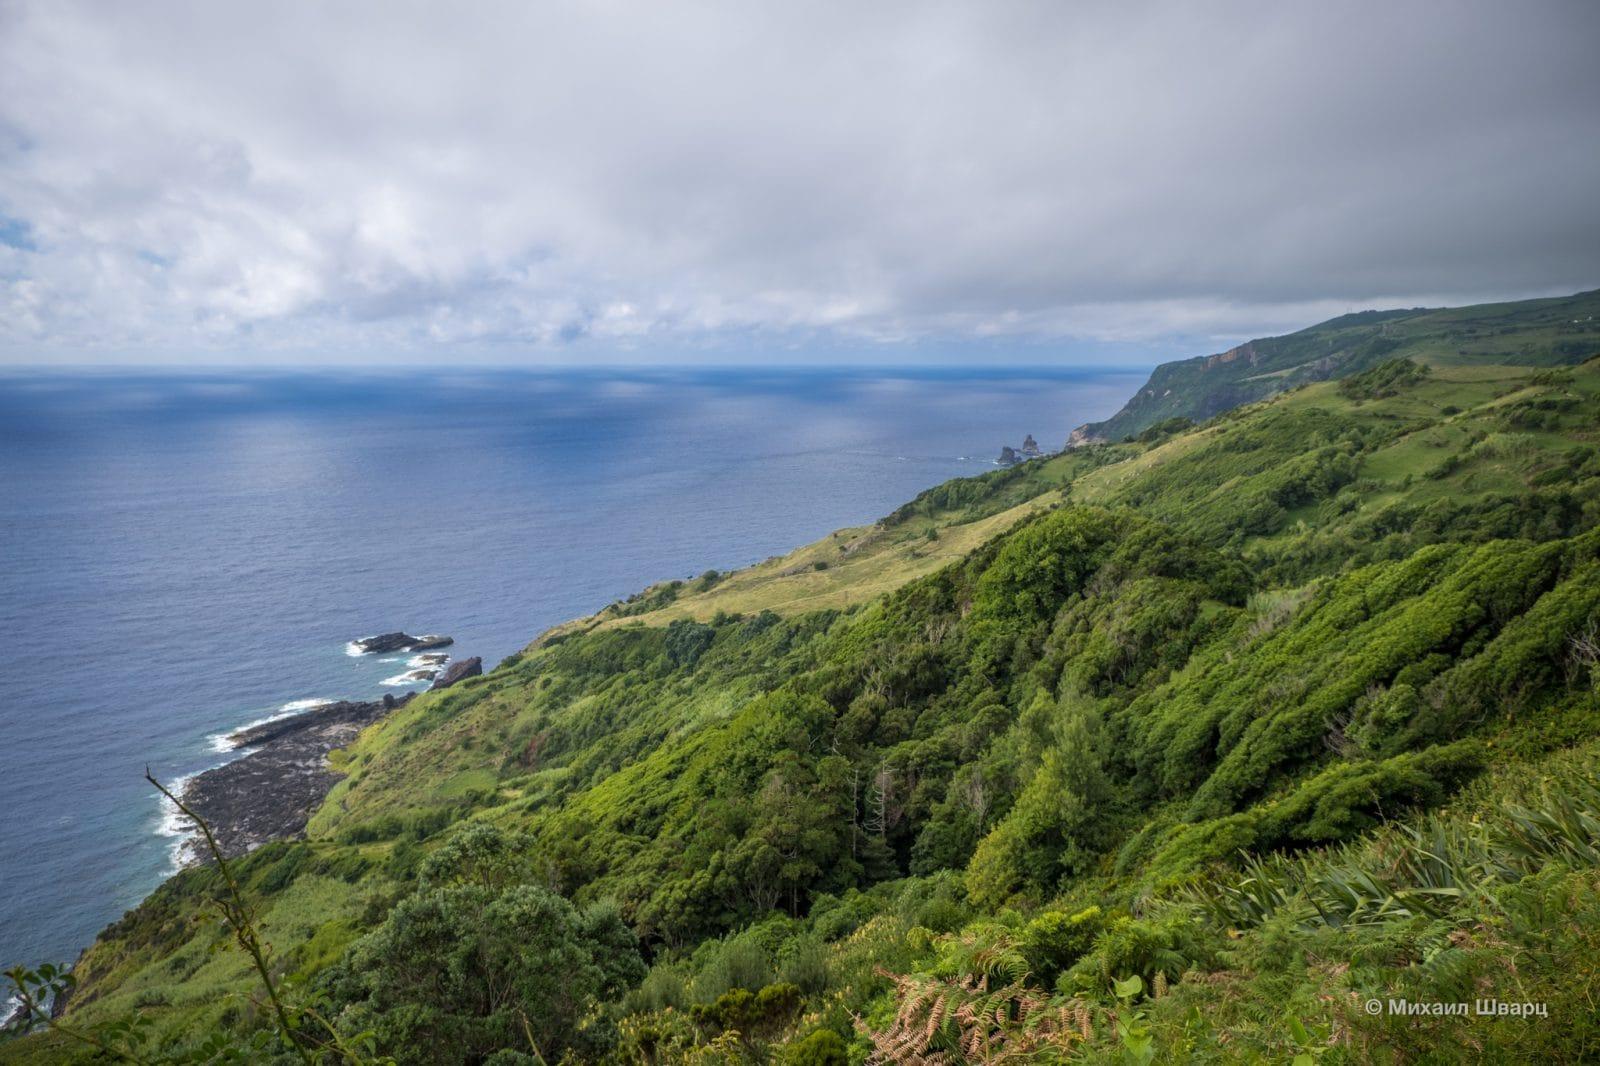 Зеленые скалы на фоне океана